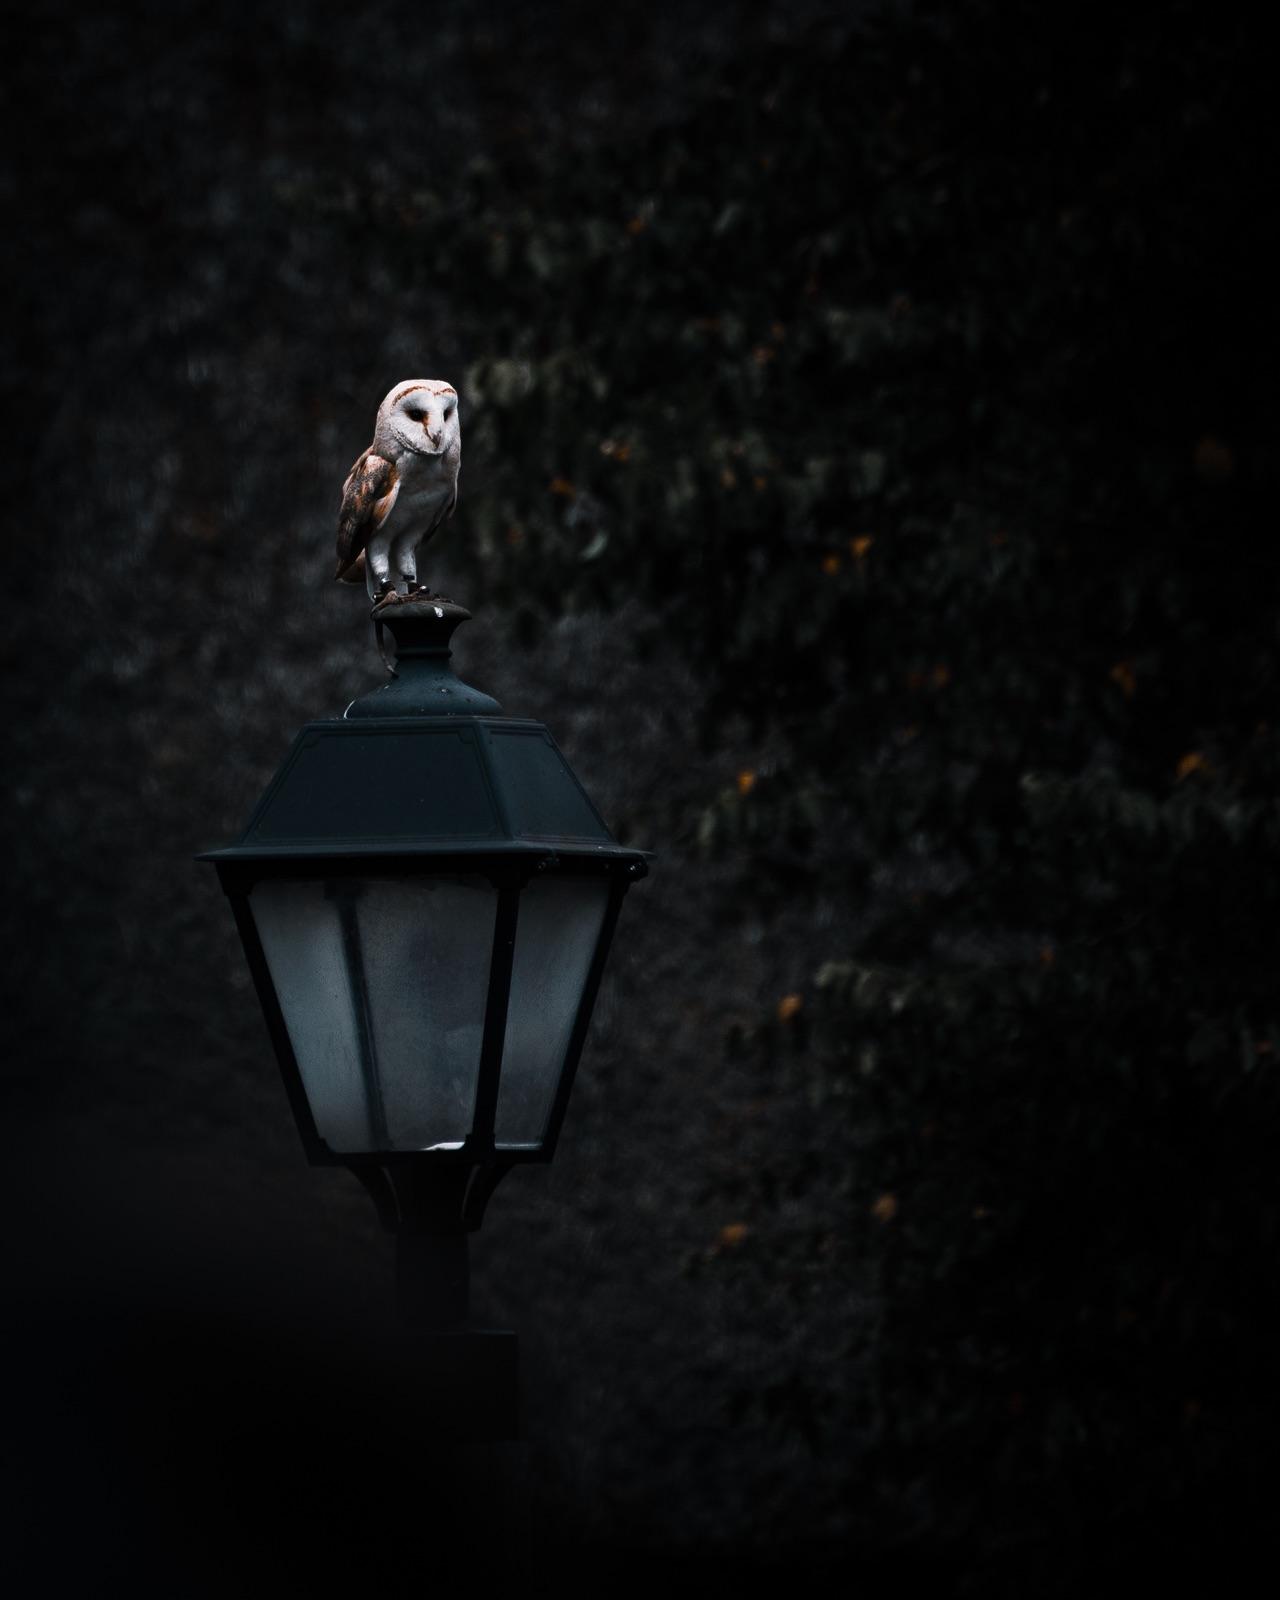 foto van een kerkuil op een lantaarn